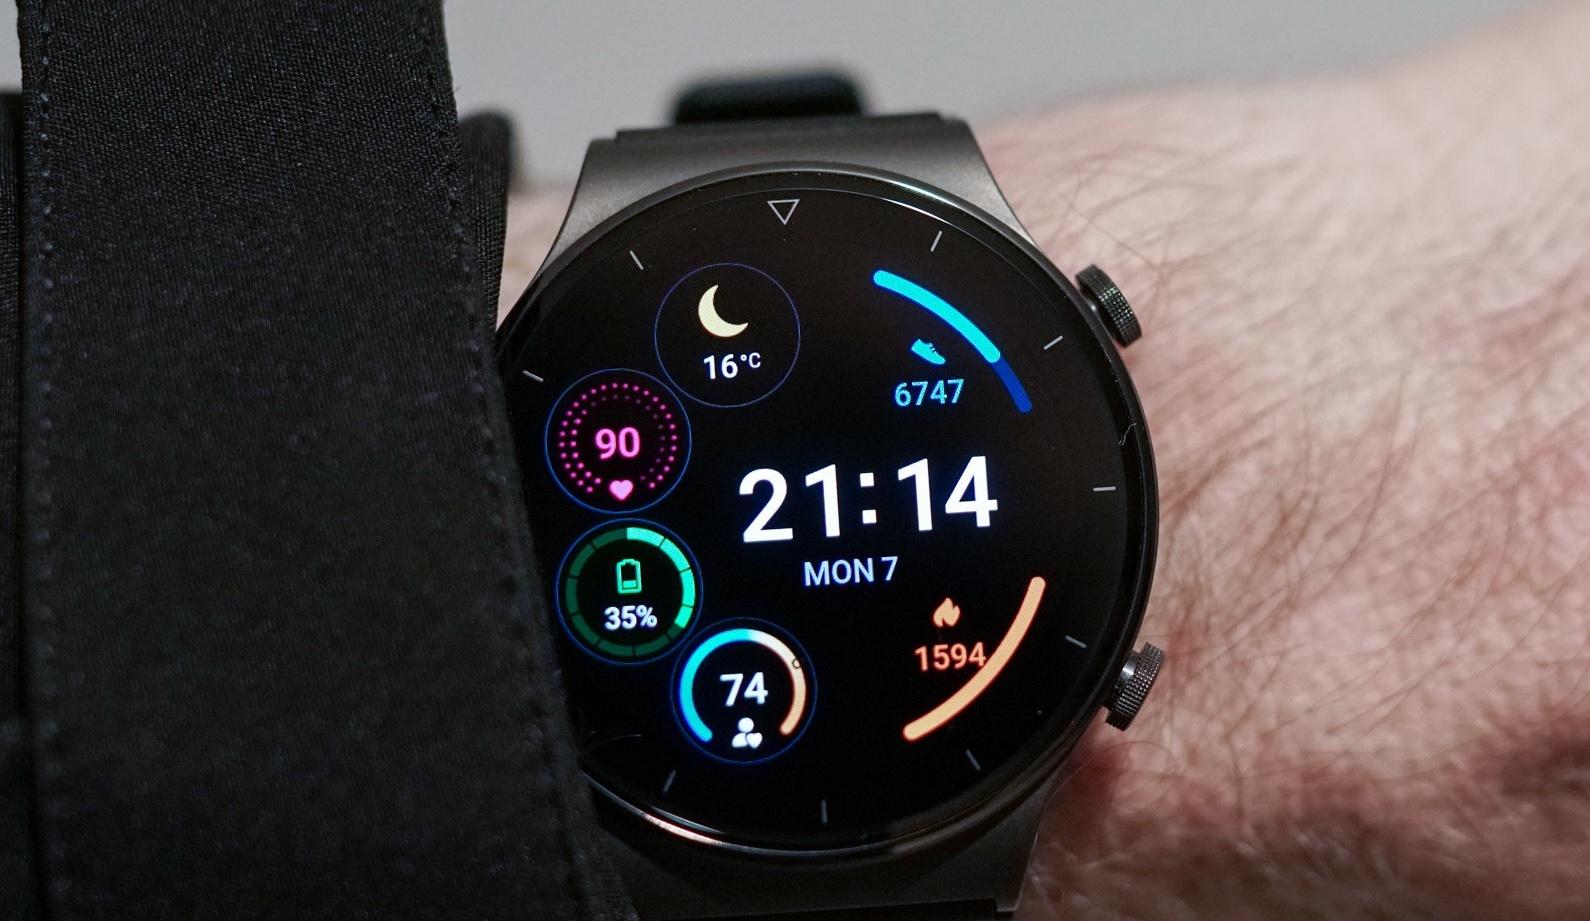 Владельцы первых умных часов на HarmonyOS от Huawei столкнулись с серьёзной проблемой